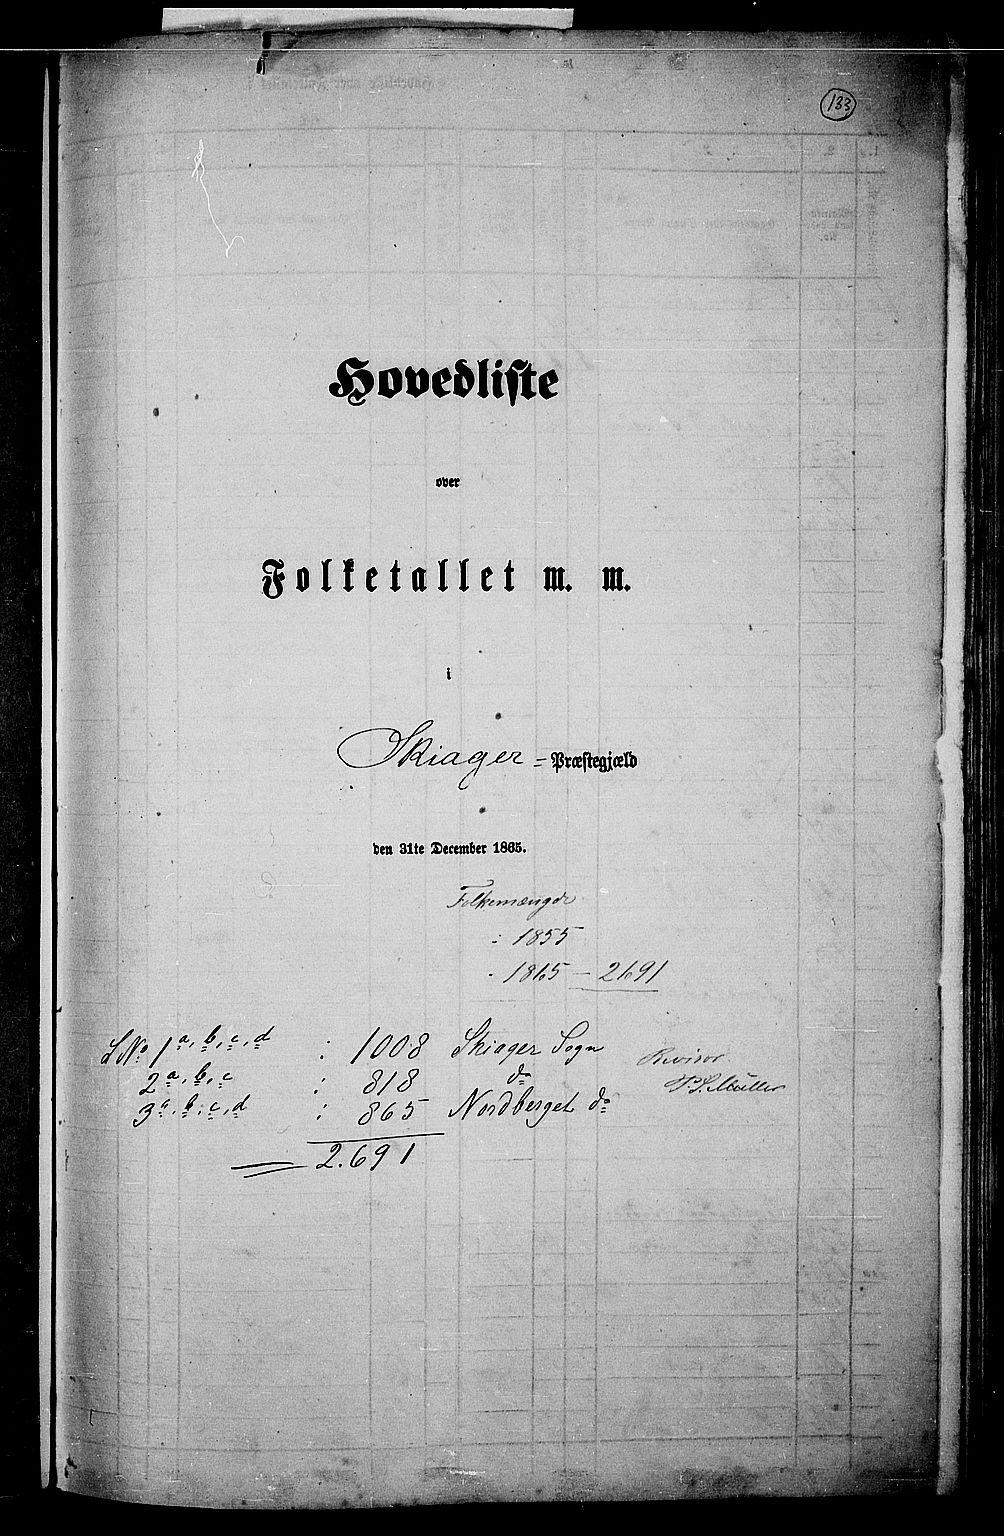 RA, Folketelling 1865 for 0513P Skjåk prestegjeld, 1865, s. 1